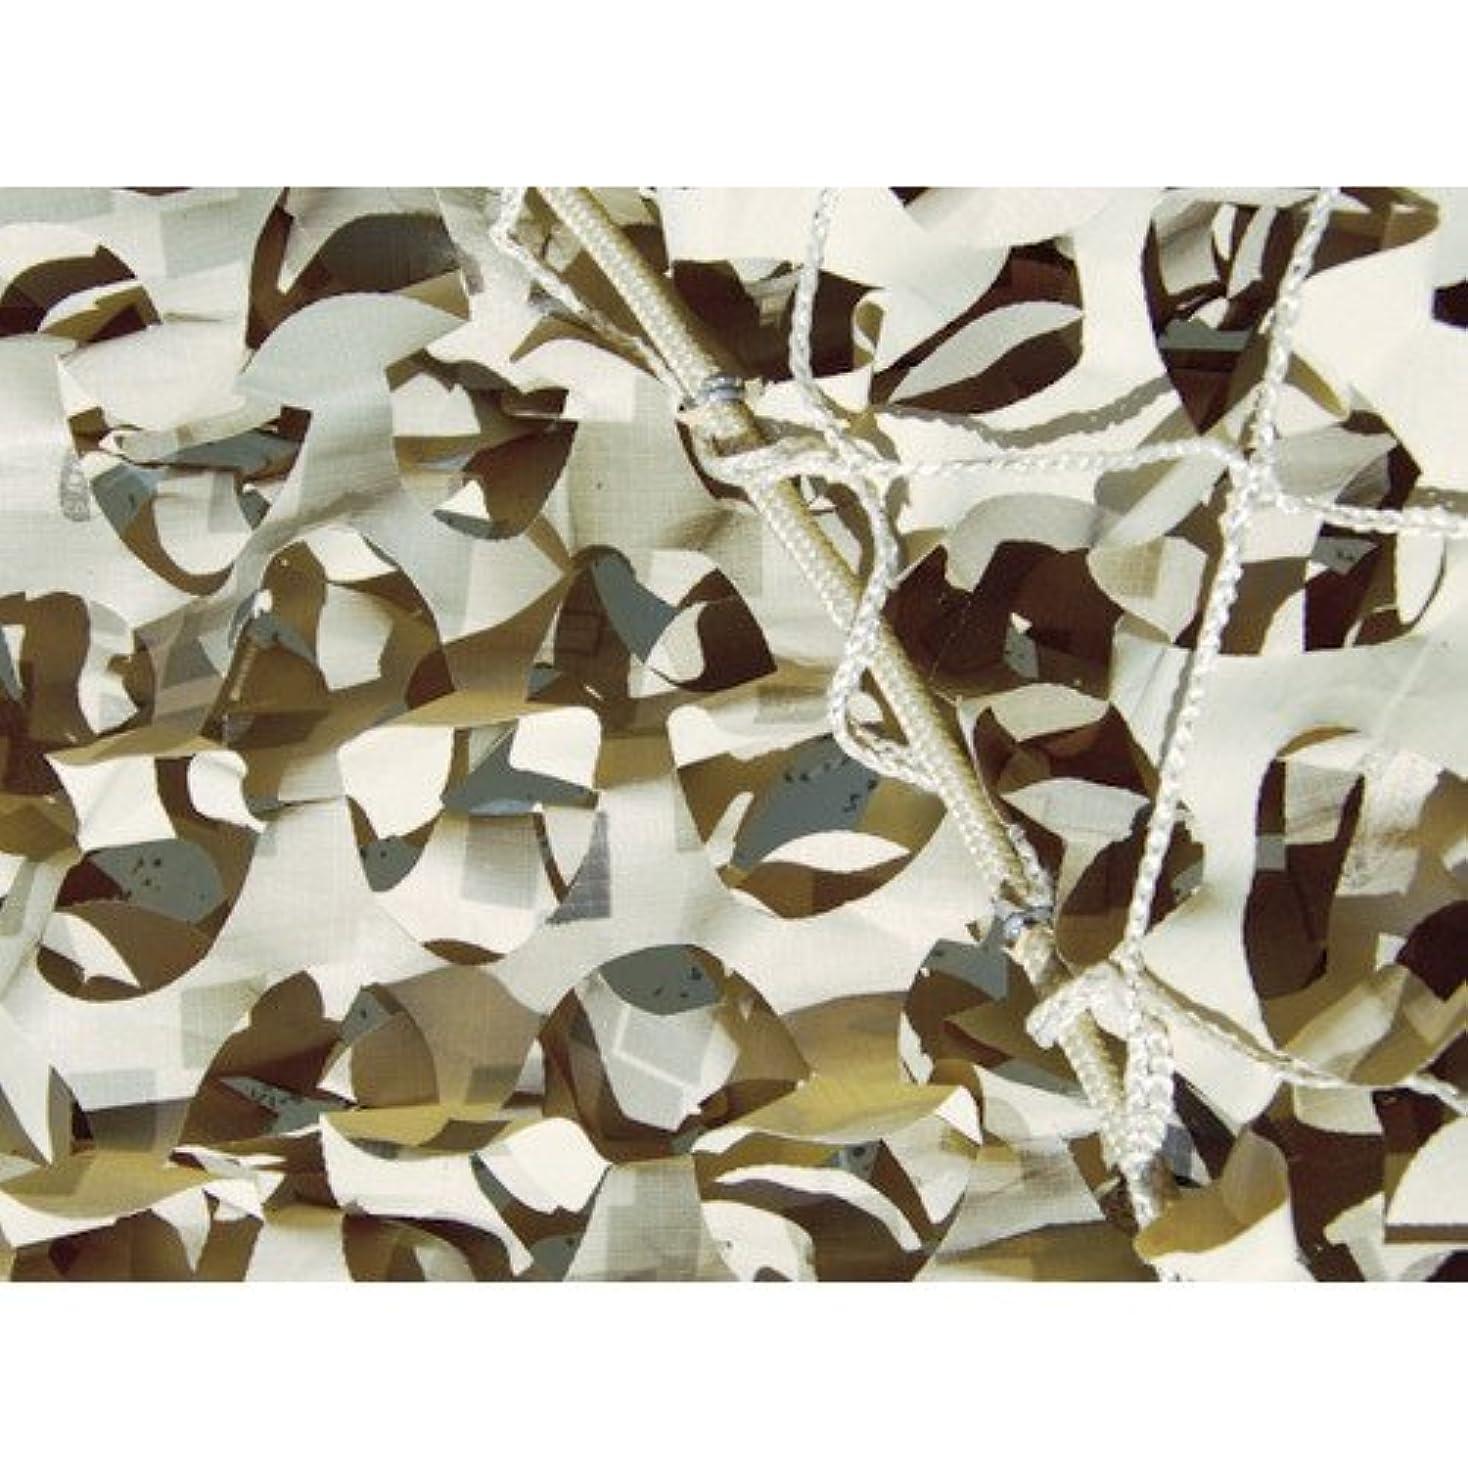 広い徹底百万トラスコ中山 CAMO スペシャリスト レギュラーXミリタリー デジタルデザート 1.8mX3 DD07